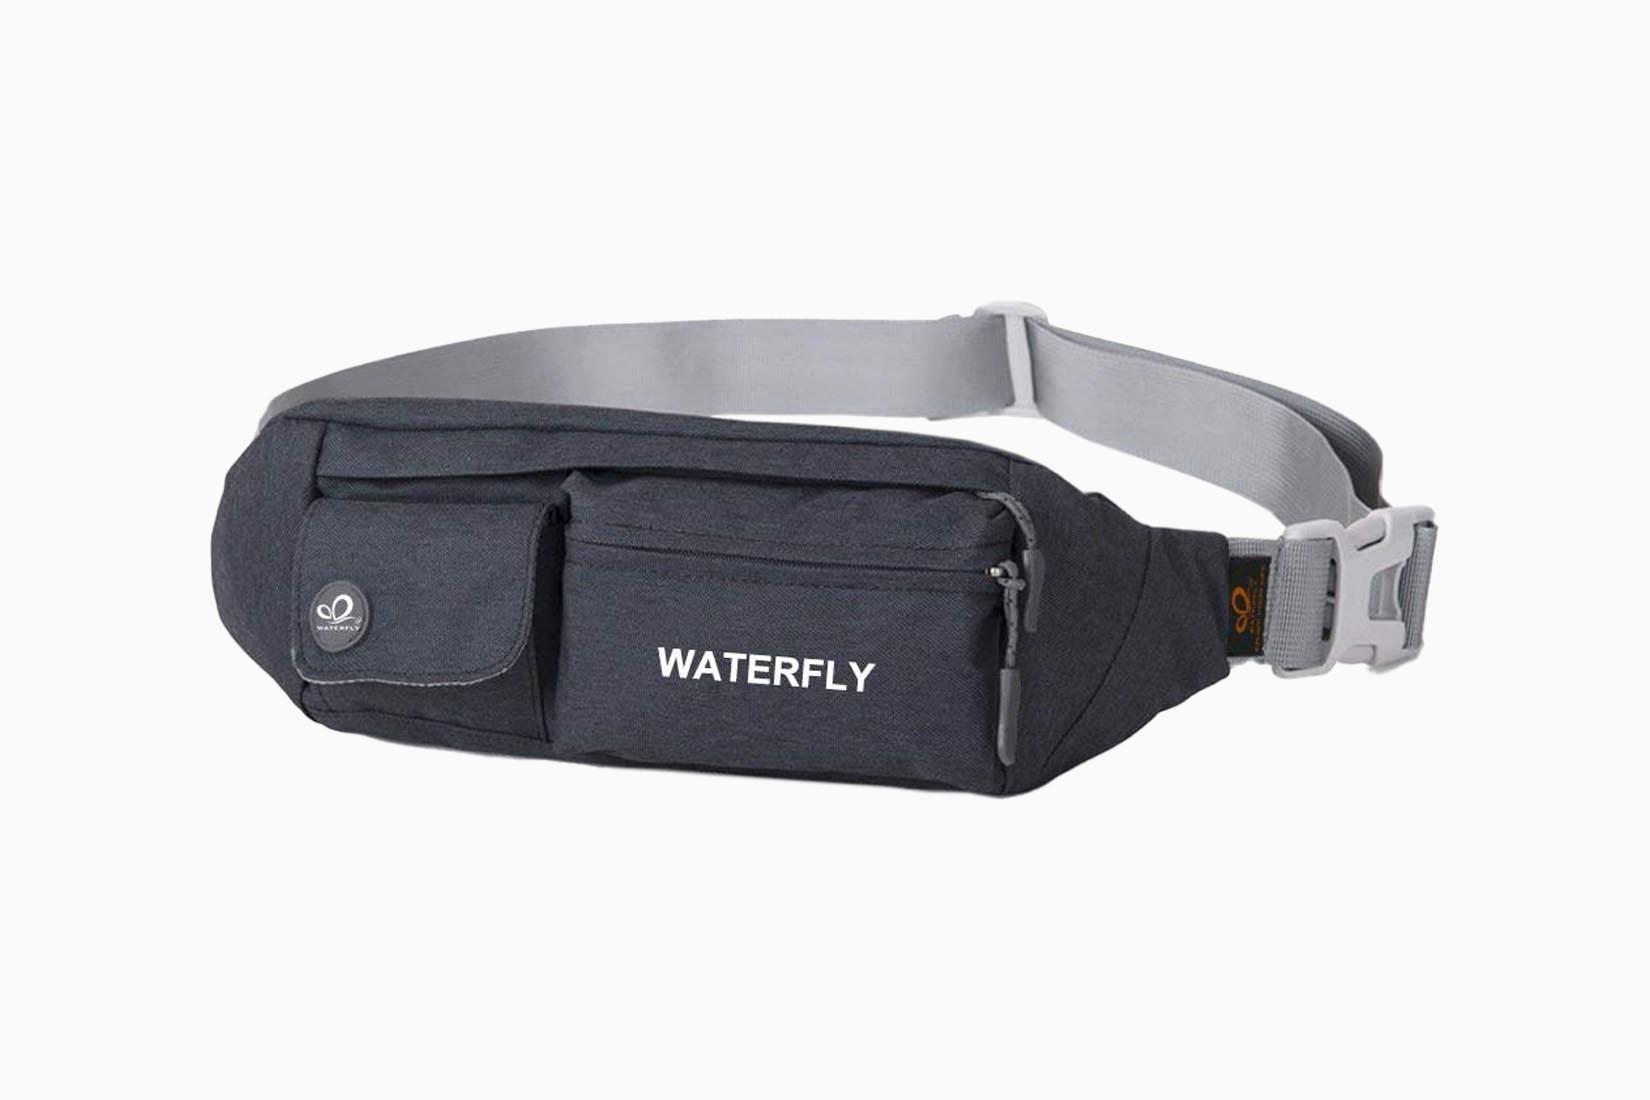 best belt bags women Waterfly review Luxe Digital